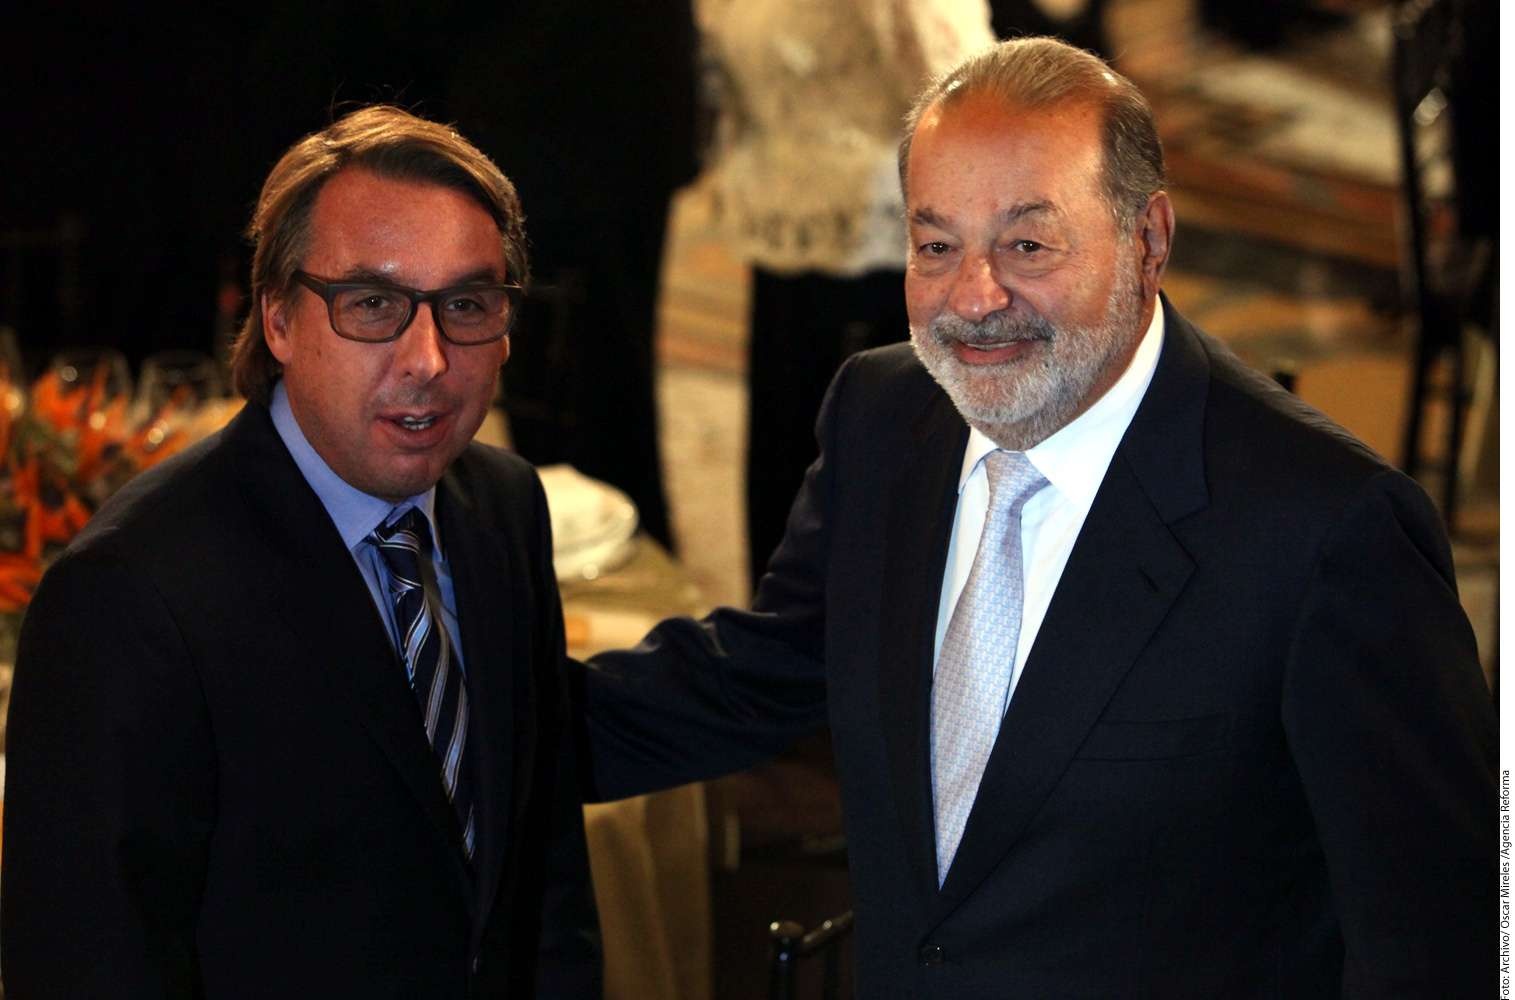 La disputa entre las empresas de Carlos Slim y Emilio Azcárraga lleva ya varios años. Foto: Reforma